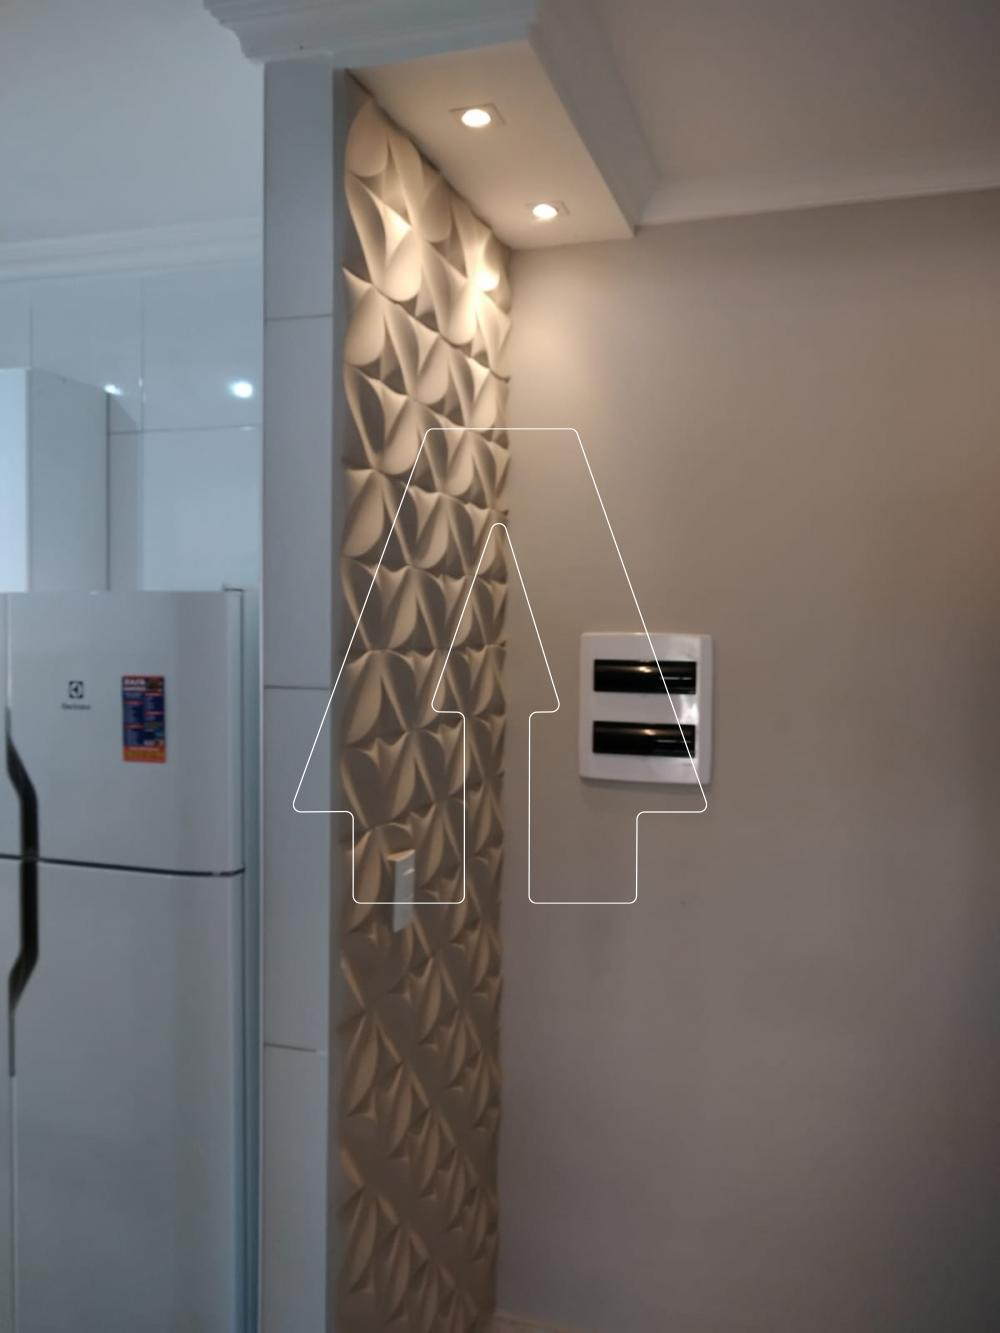 Comprar Apartamento / Padrão em Araçatuba R$ 220.000,00 - Foto 9